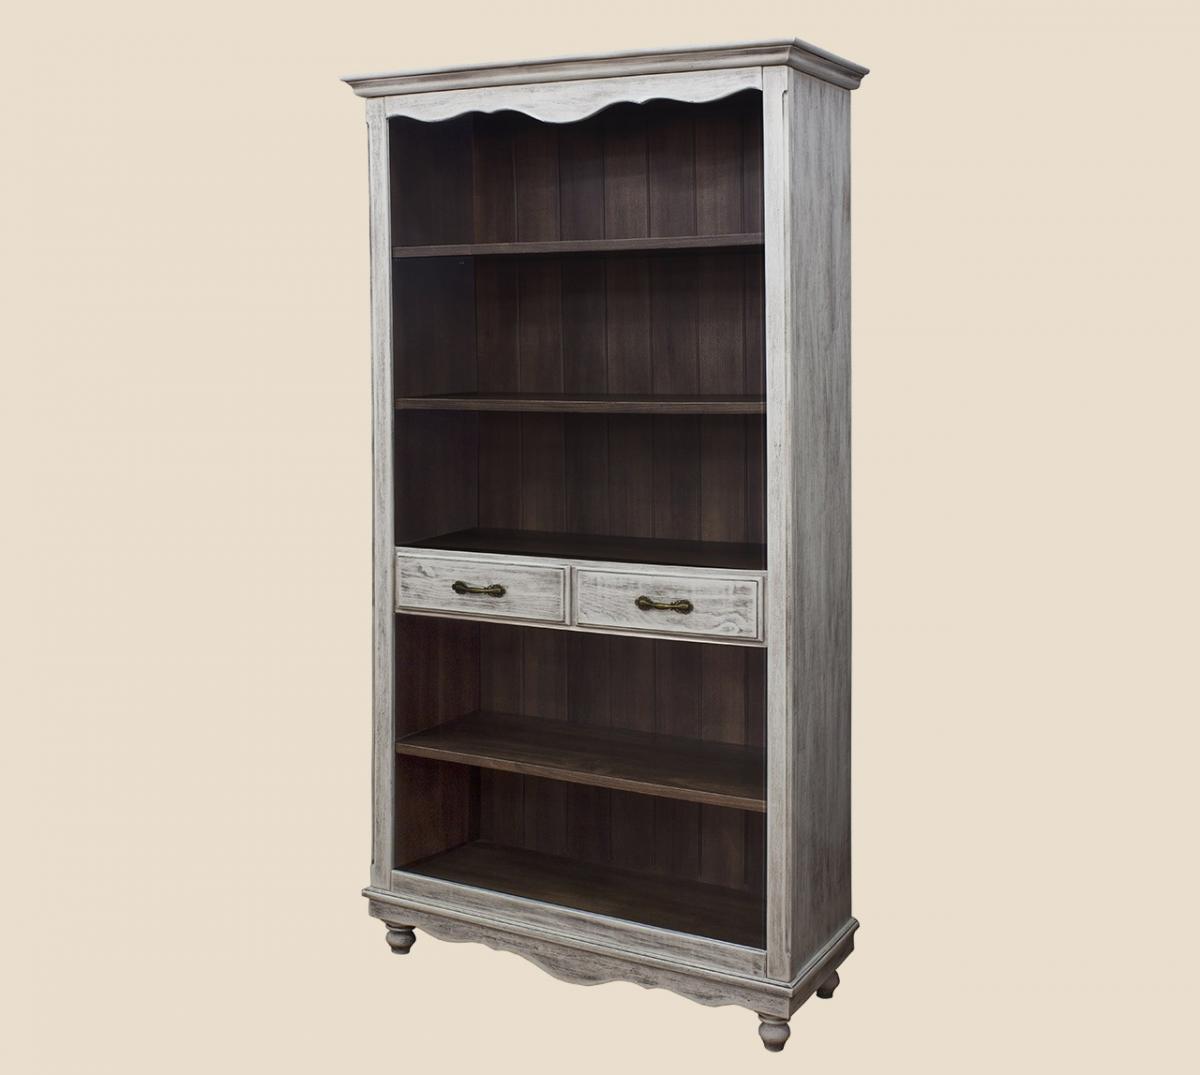 Шкаф для книг ПР-05 Прованс цвет на выбор  РКБ-Мебель